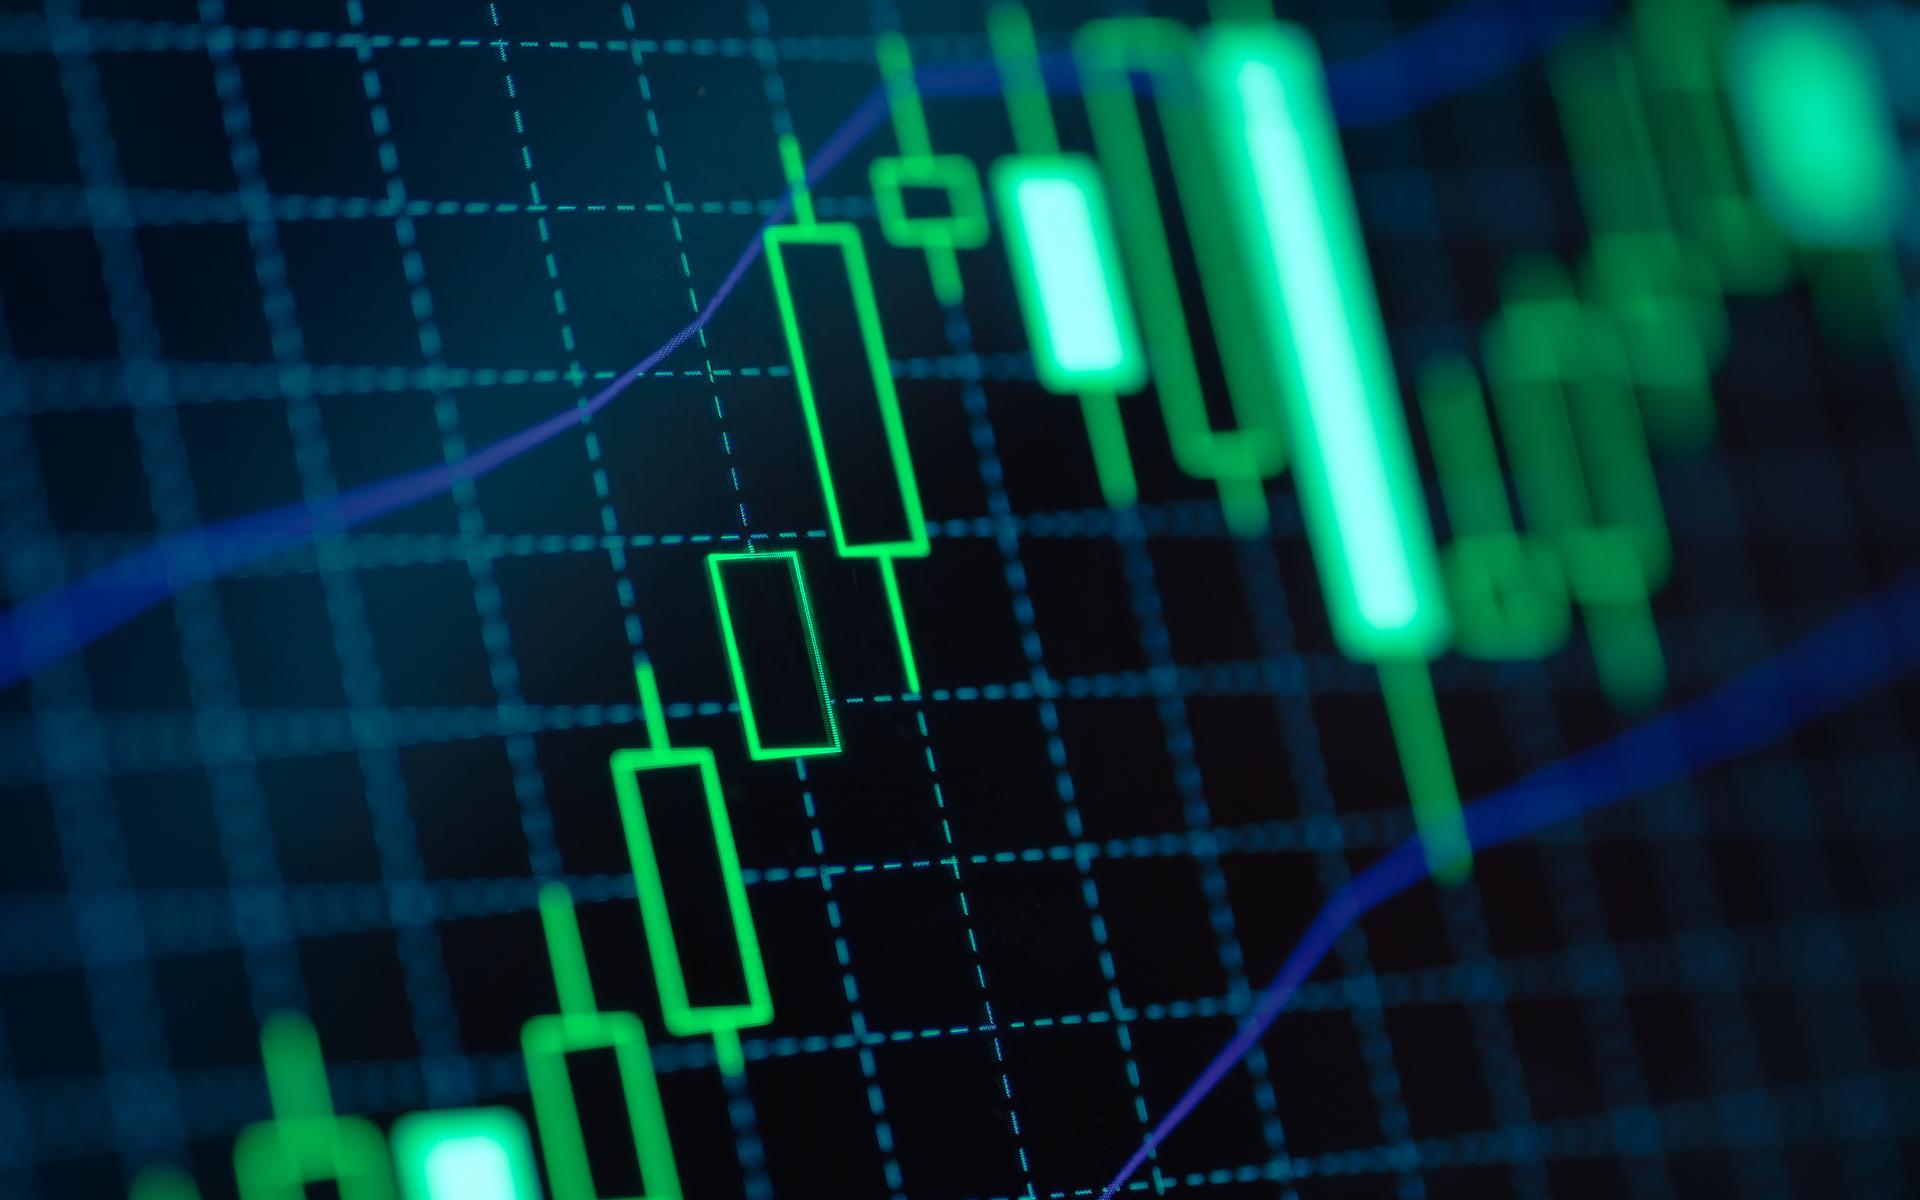 """giá bitcoin: Cập nhật giá ngày 19/07: Thị trường """"xanh"""" trở lại với phong độ ấn tượng từ Litecoin (LTC)"""